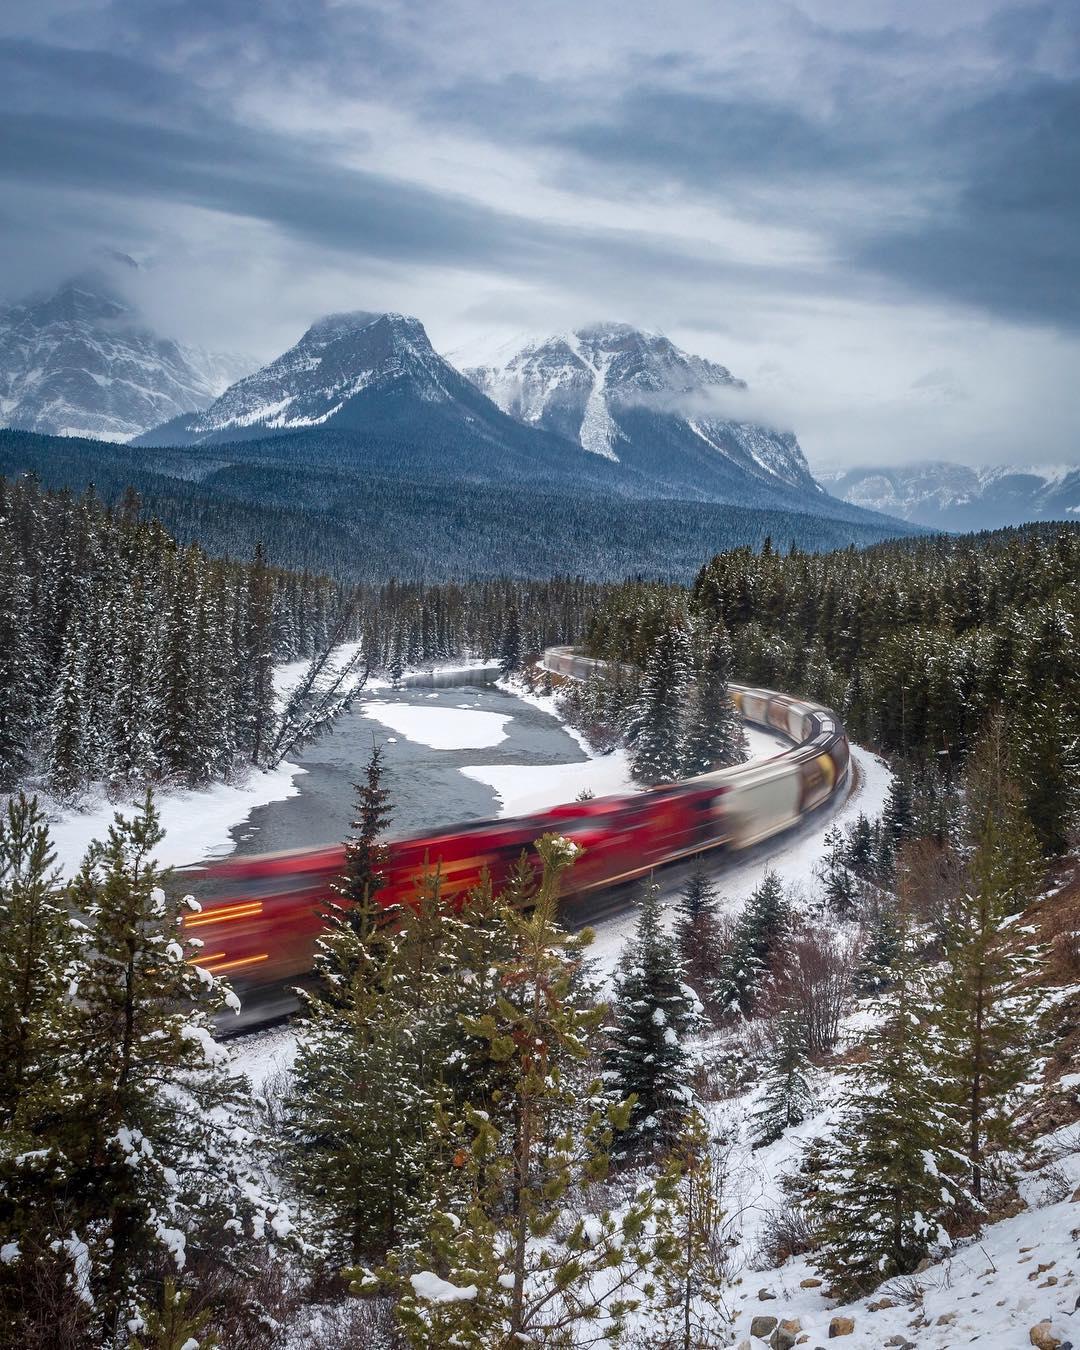 Пейзажи и природа Канады на снимках Робин Лоренсон